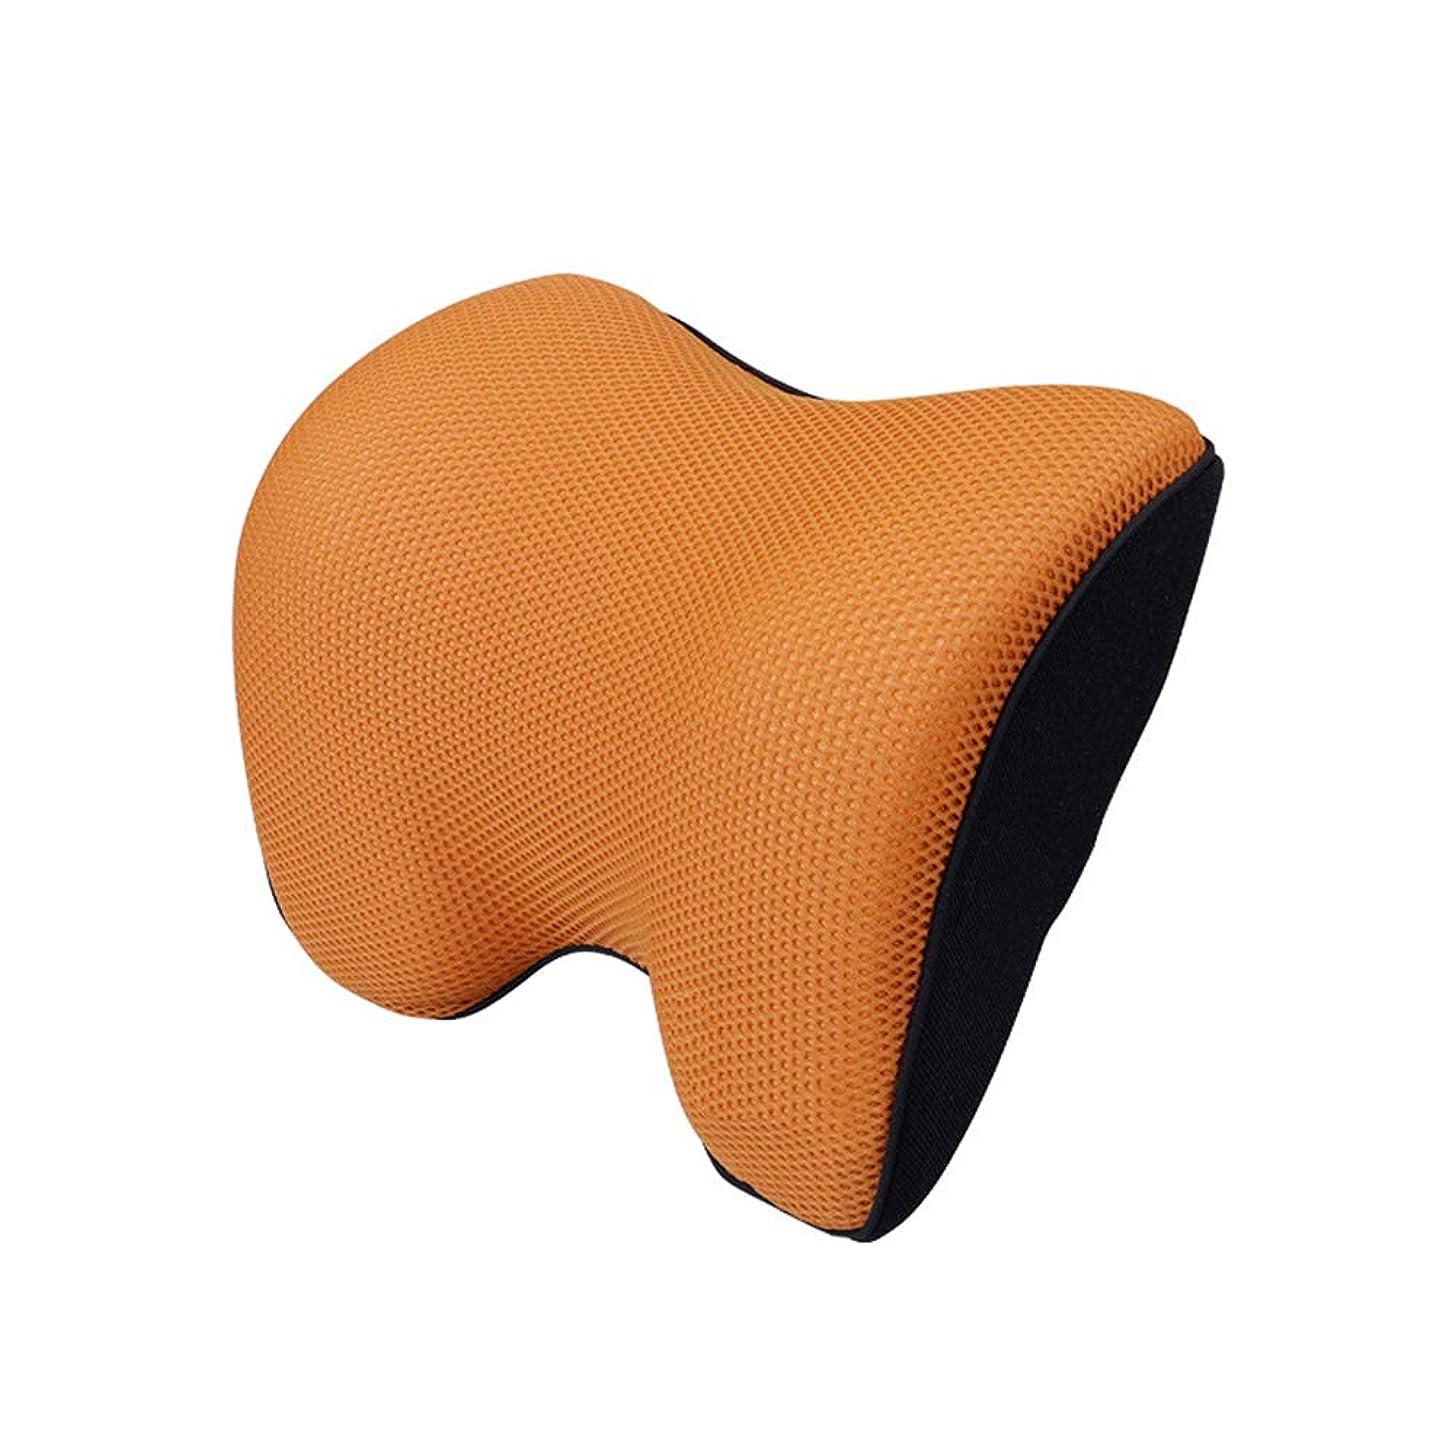 ベスビオ山発信古い車の首のサポートピロー、記憶泡および首の救助および頚部サポートのための人間工学的のヘッドレスト、子供および大人のために適した,Orange